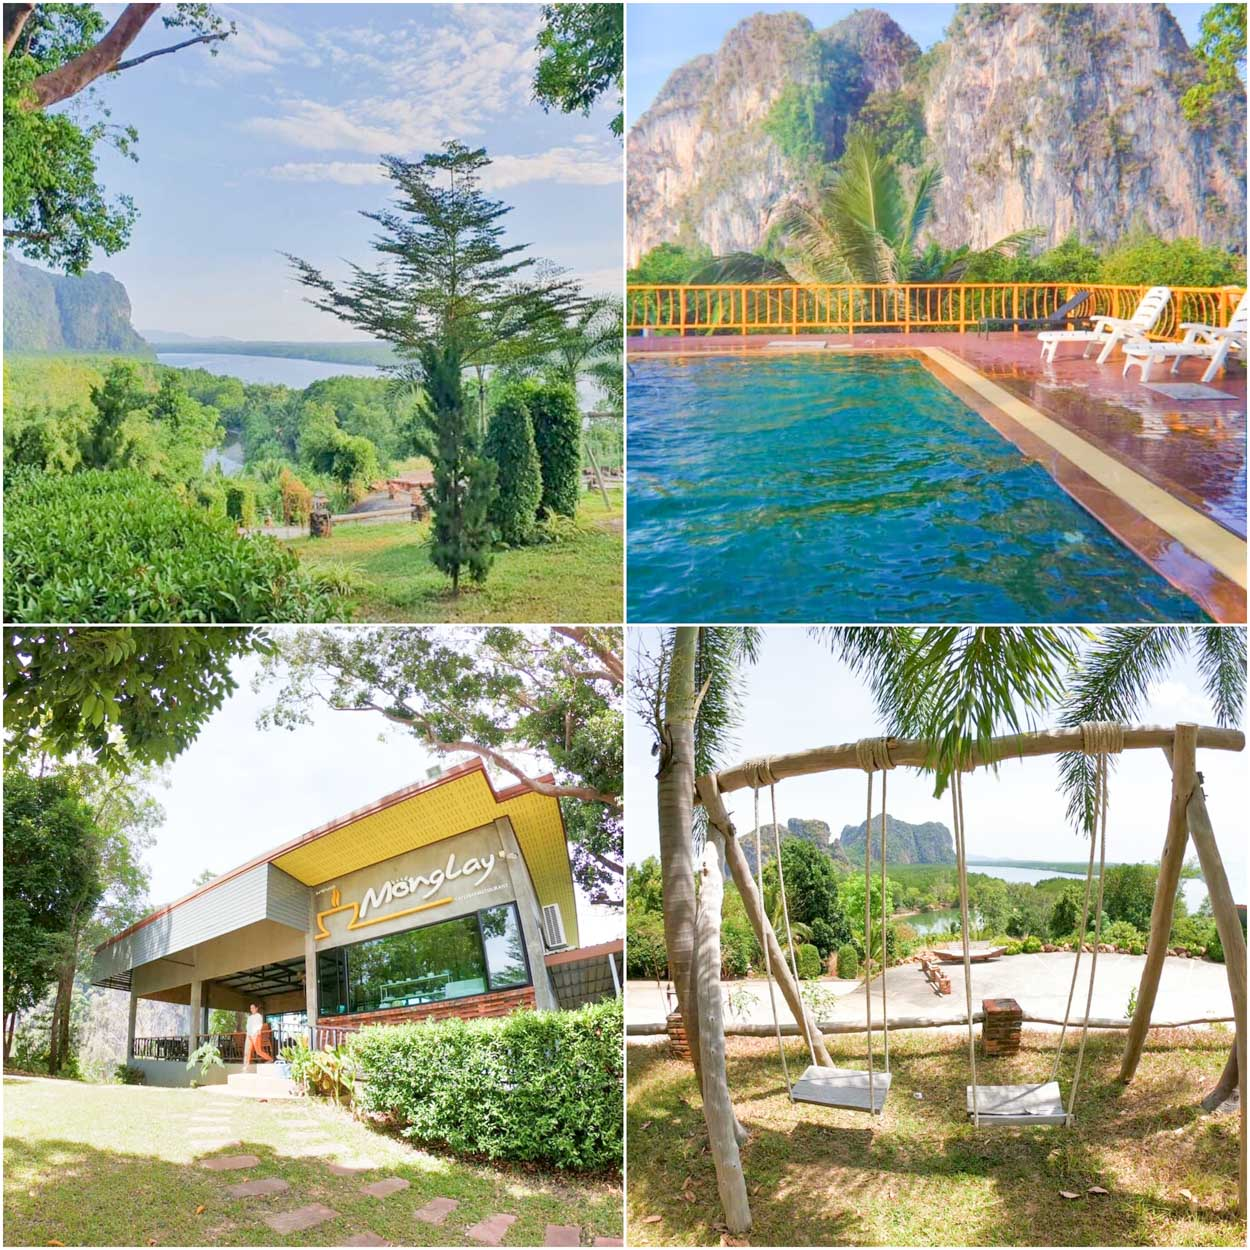 Barefeet Heaven Hill Naturist Resort เหงาขึ้นเขา เศร้าลงเล บรรยากาศกลางป่าเขาคือดีย์ต่อใจมาก